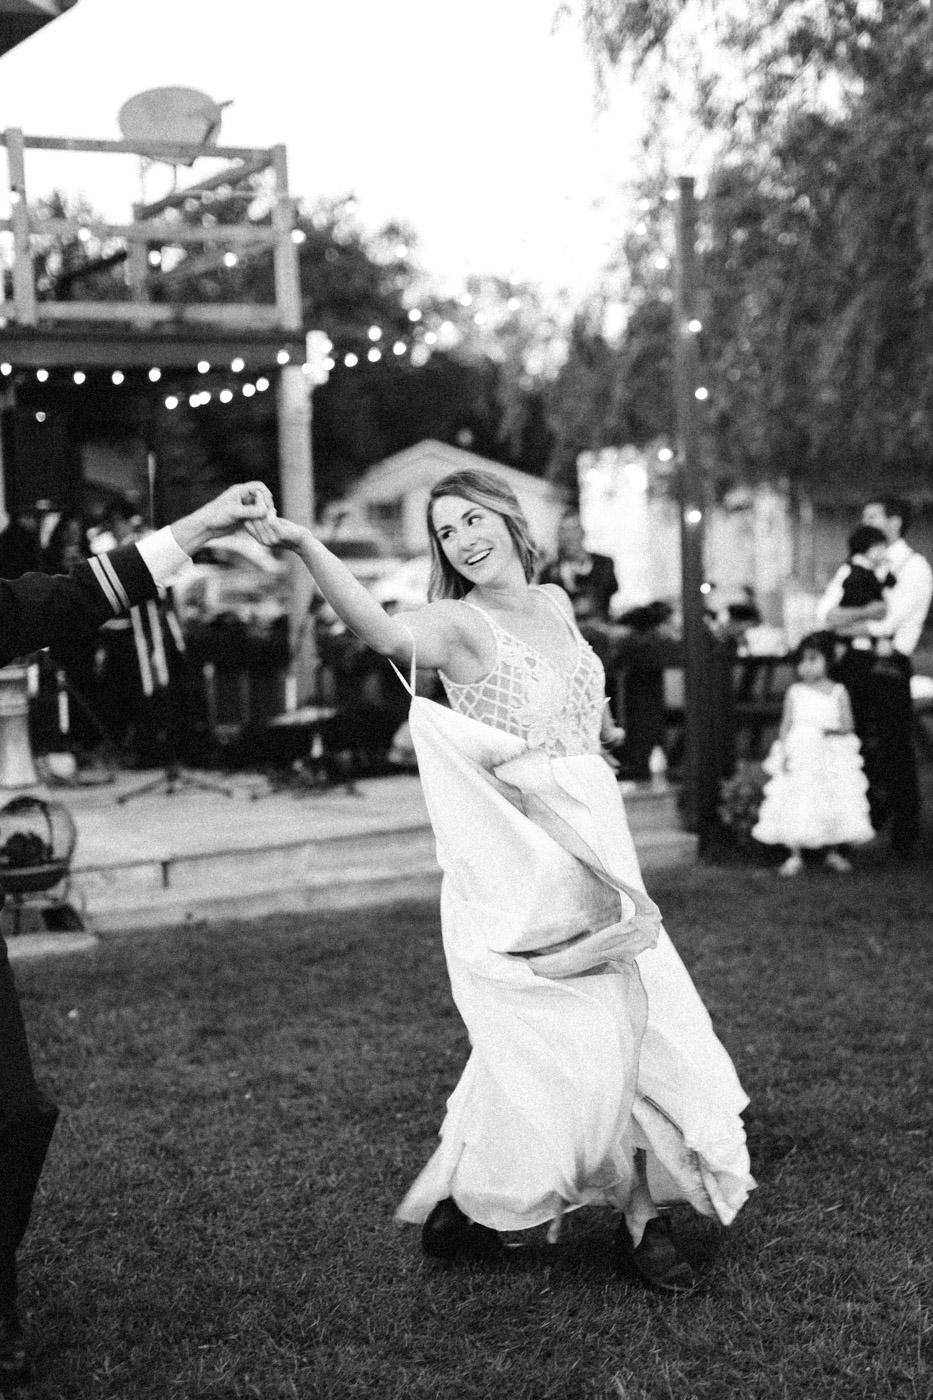 toronto_wedding_photographer_backyard_wedding-42.jpg